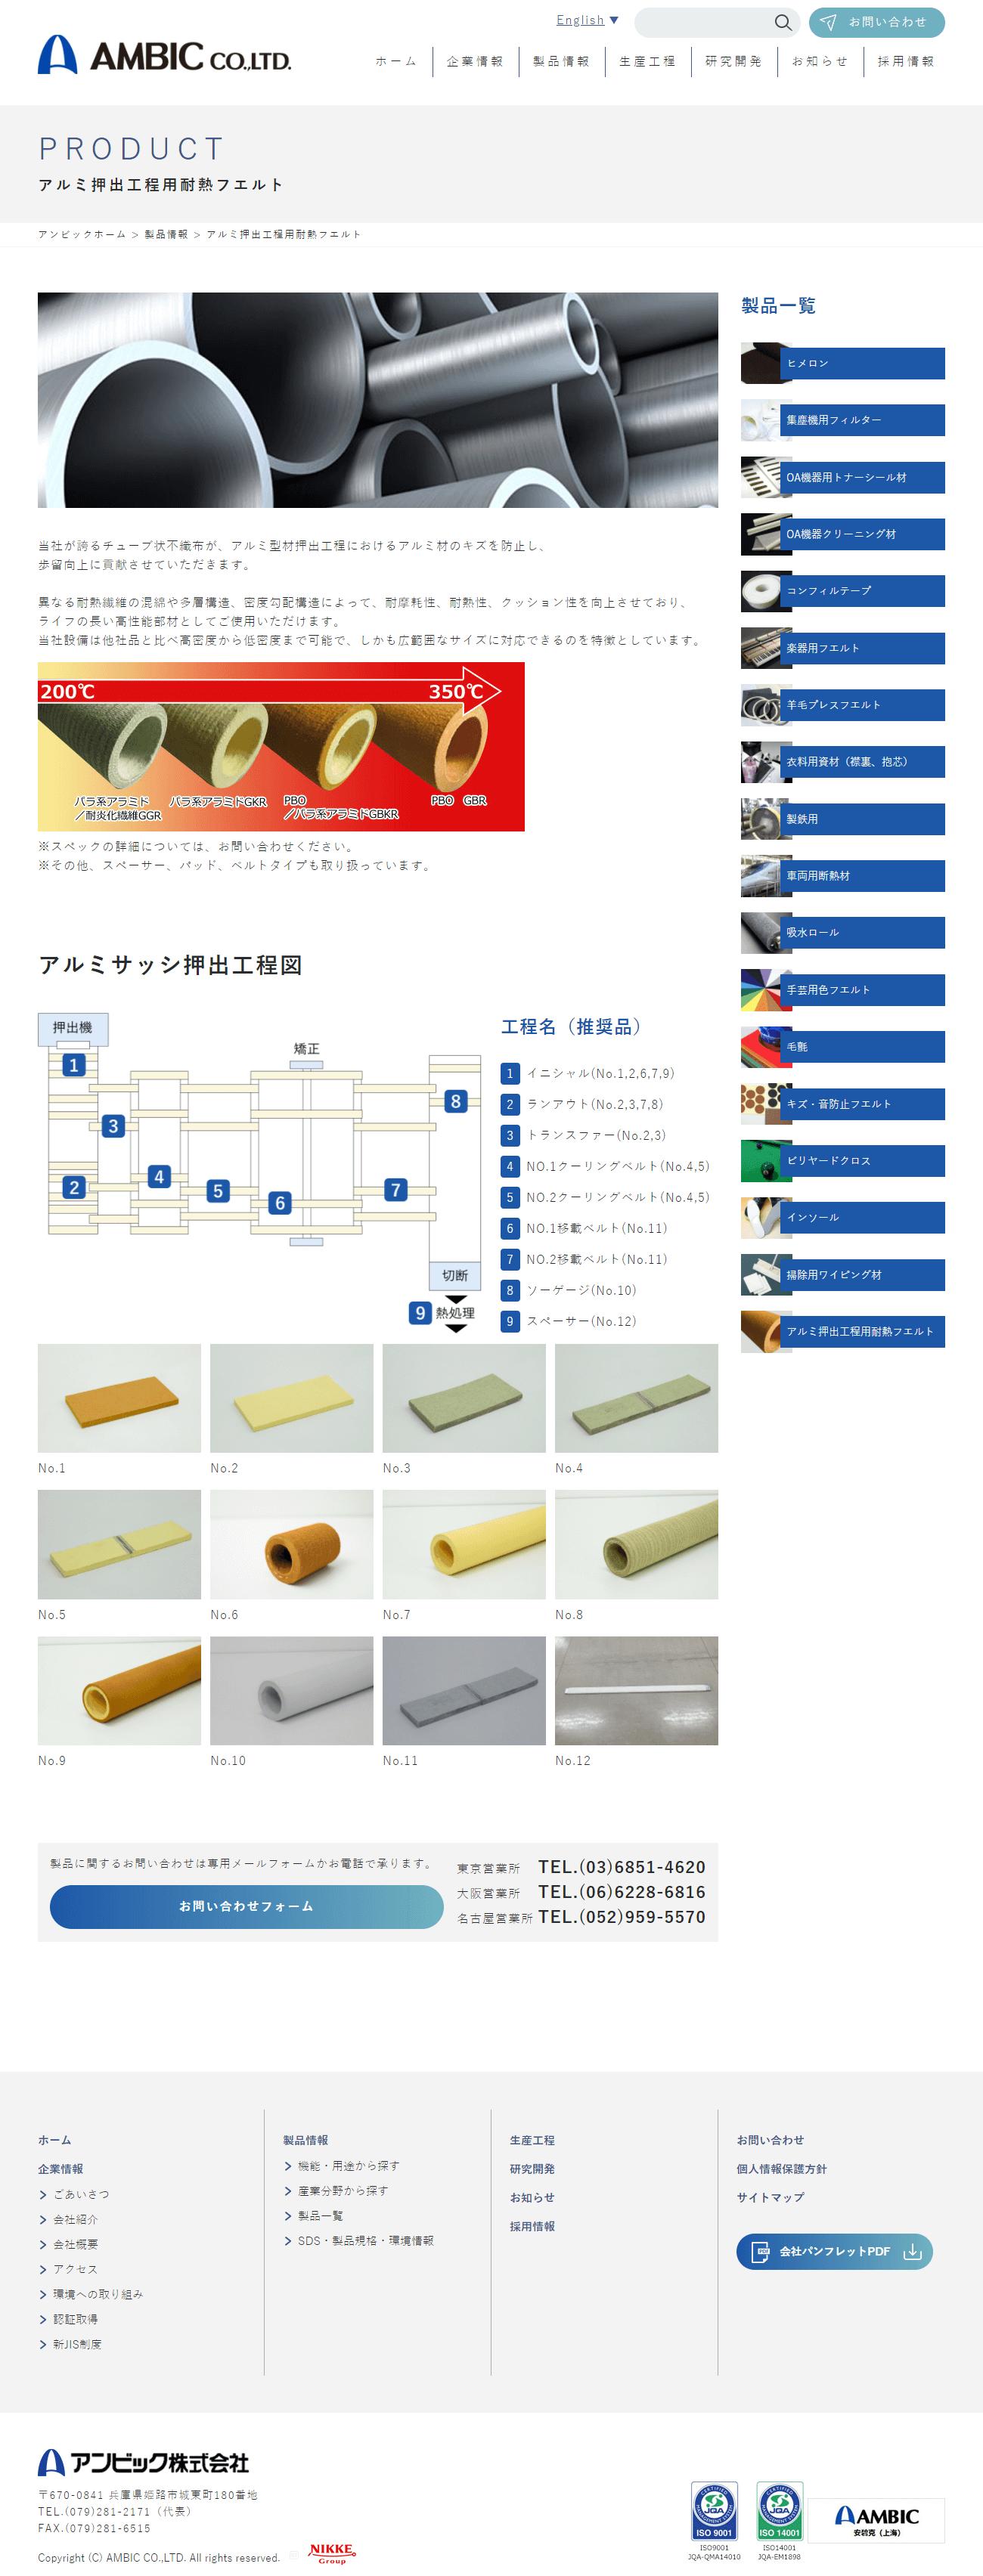 姫路市 アンビック株式会社 ホームページ制作2